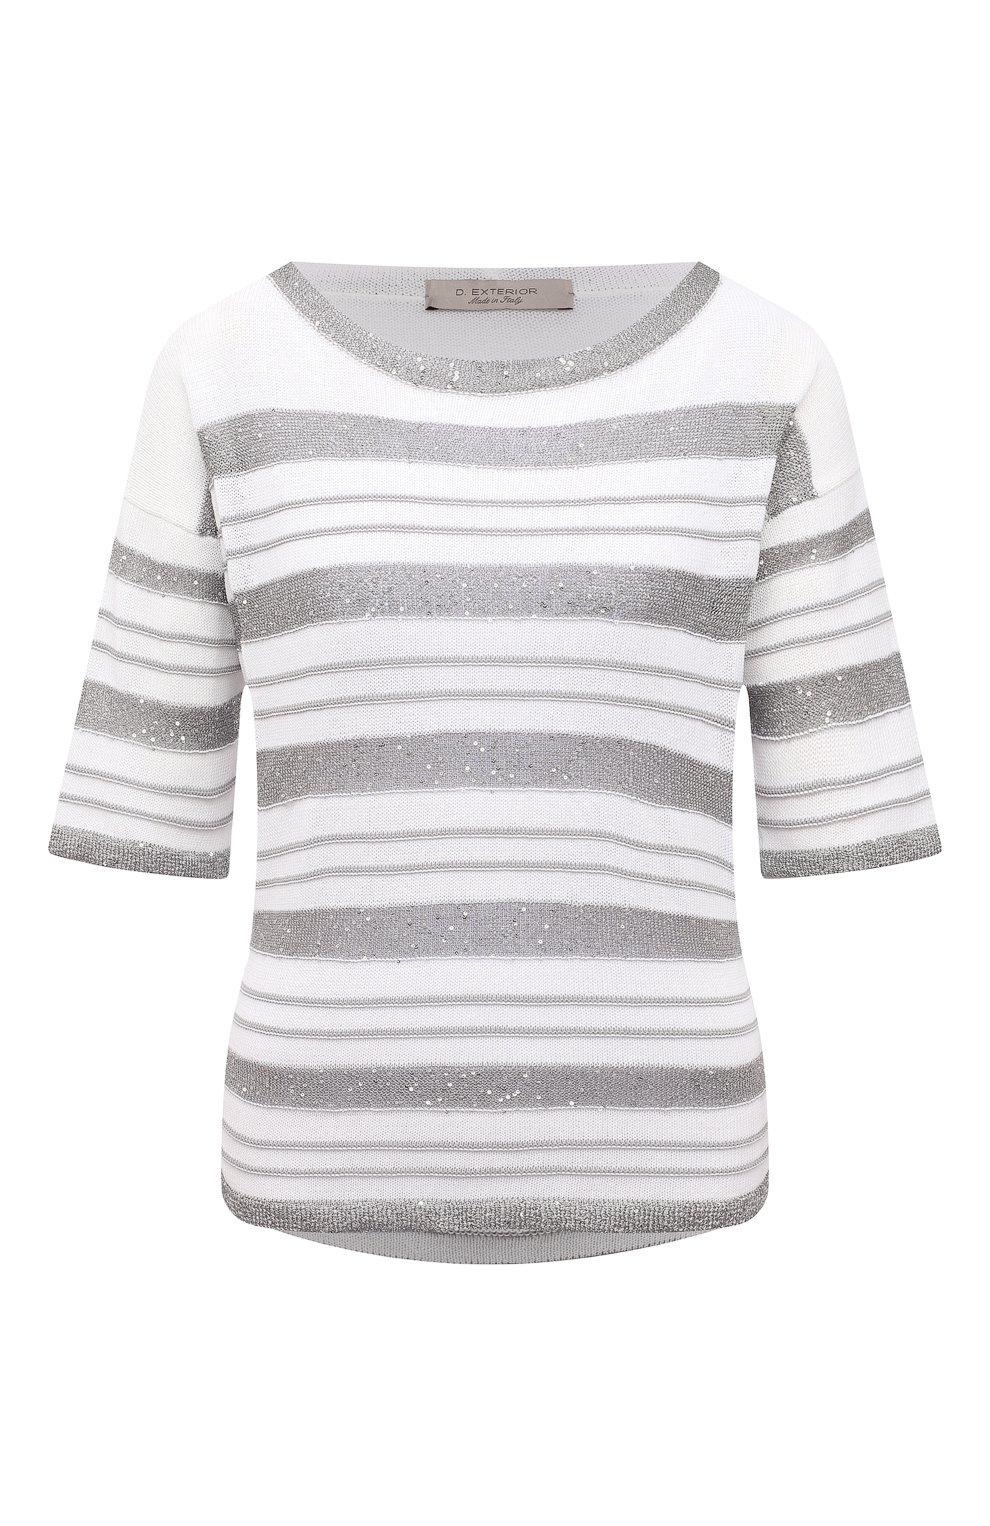 Женский хлопковый пуловер D.EXTERIOR серого цвета, арт. 52318 | Фото 1